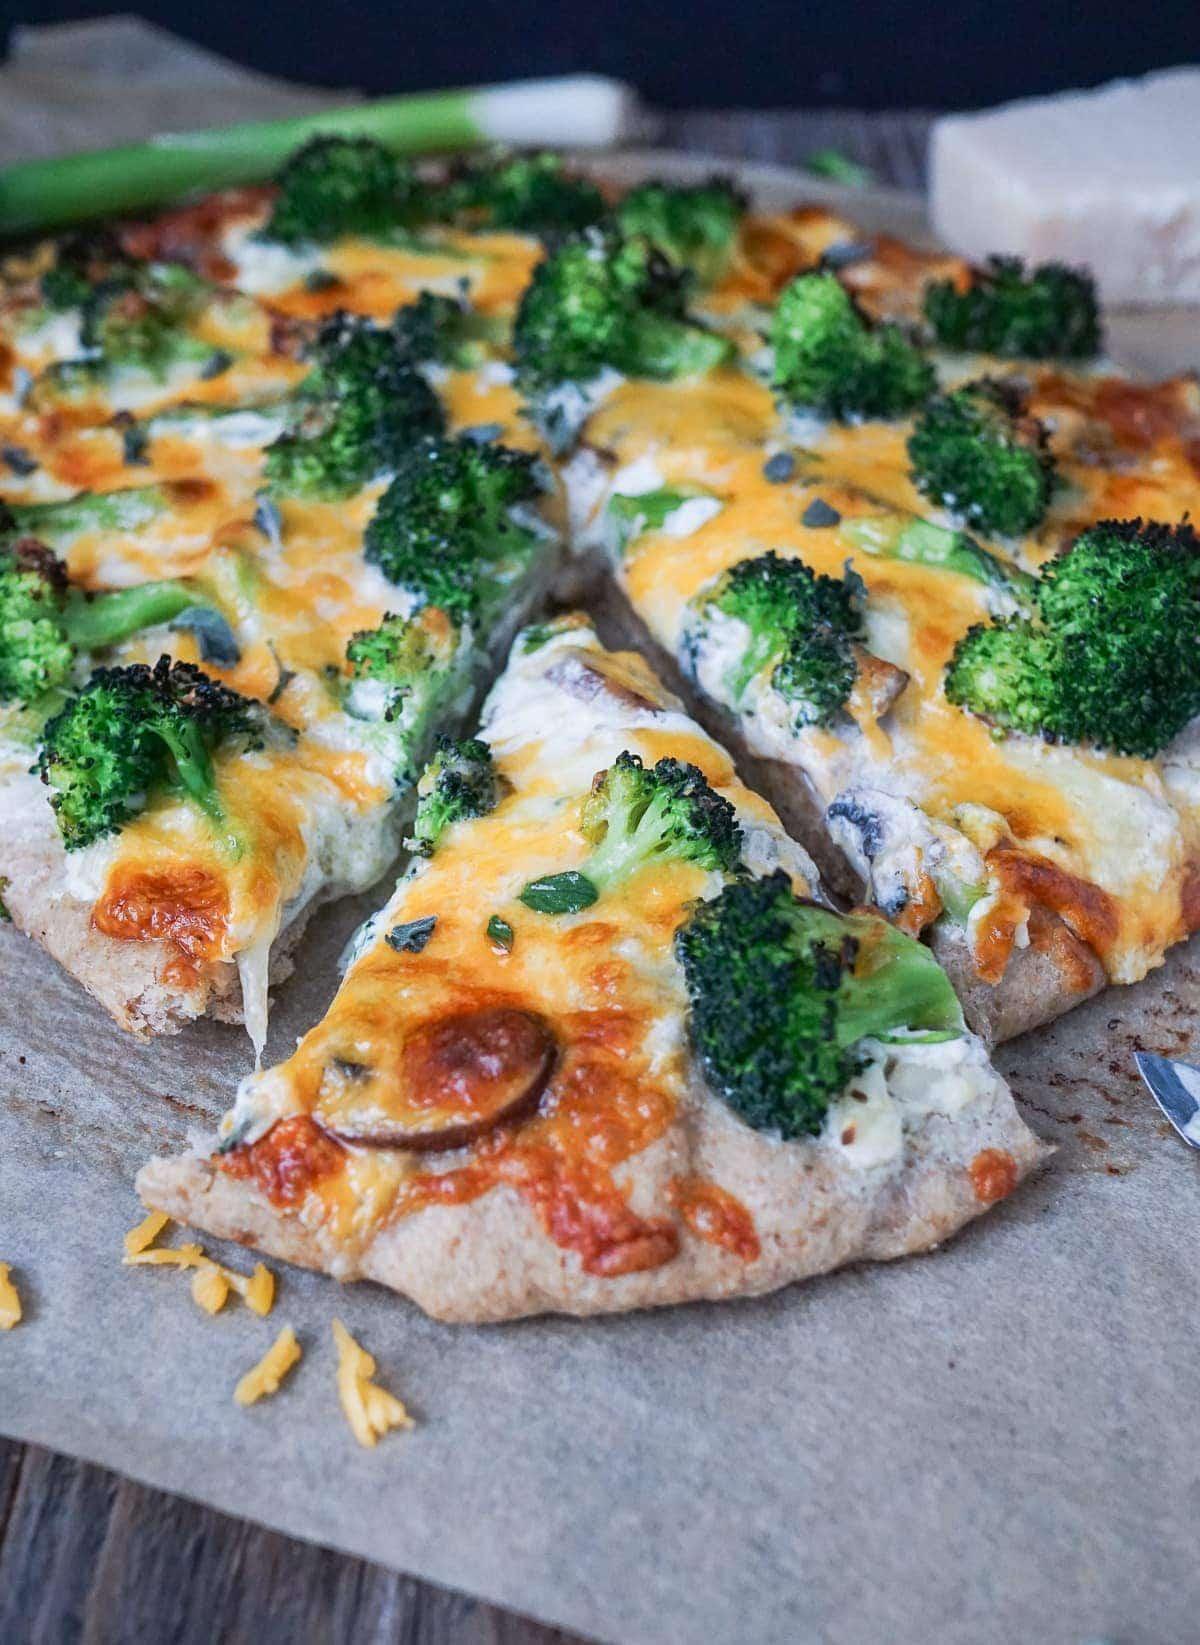 Line macht Vier-Käse-Pizza mit Brokkoli | Line kocht | Was is hier eigentlich los?